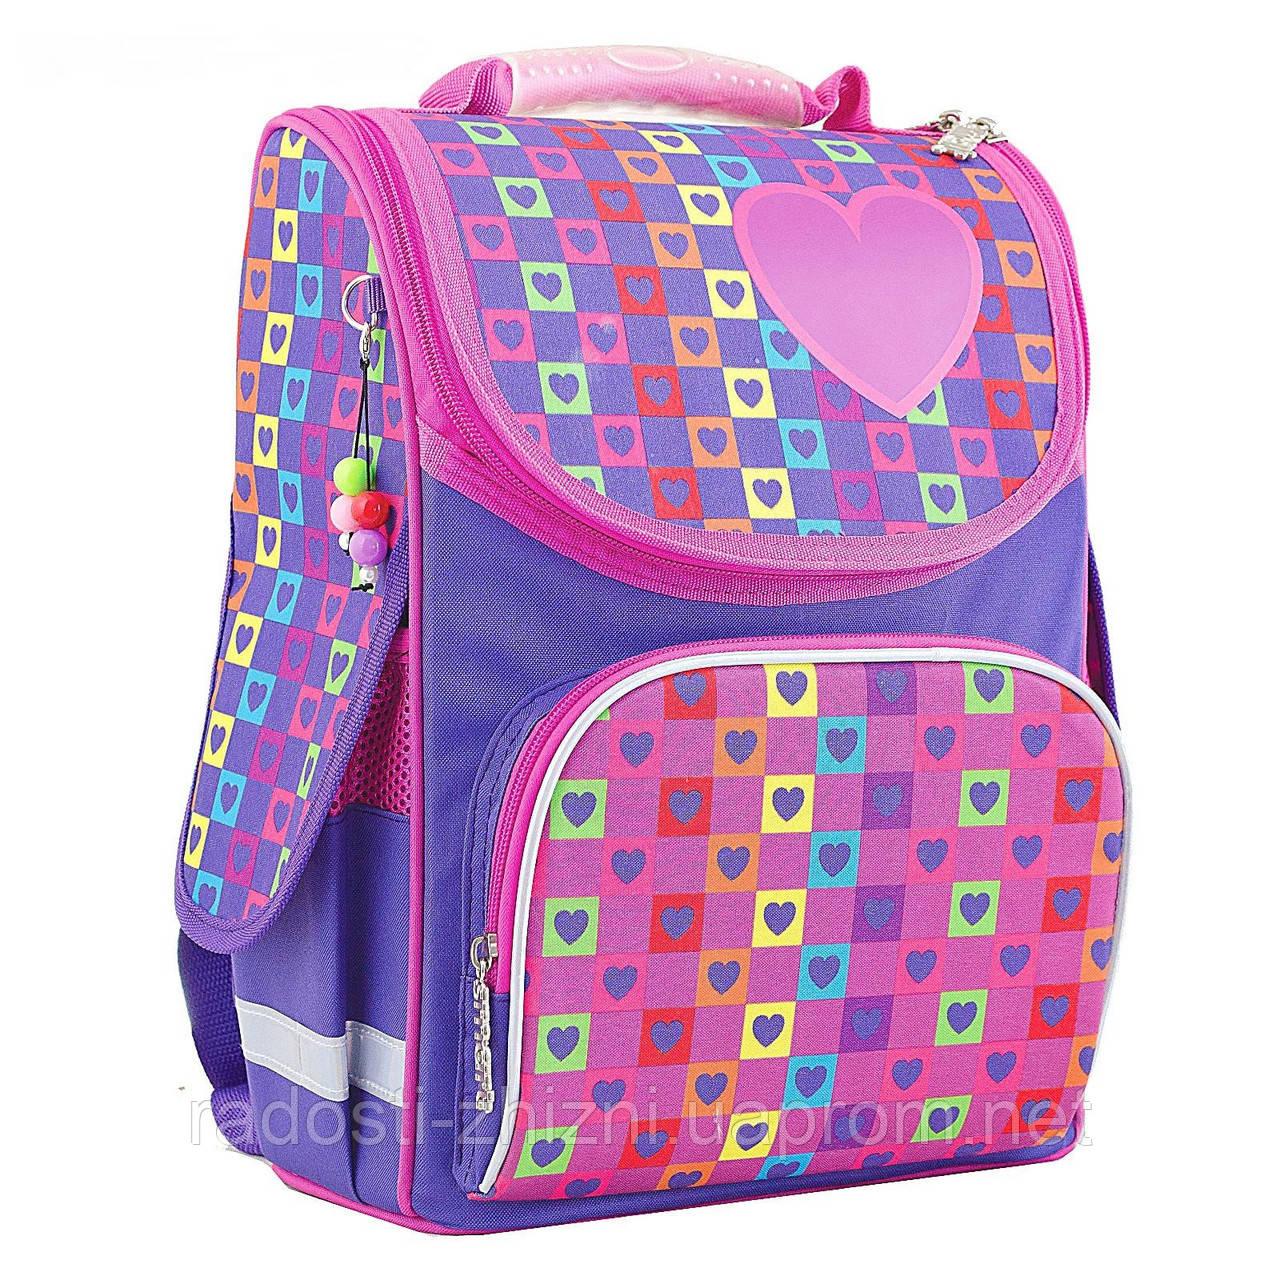 Рюкзак ранец при сколиозе школьные сумки и рюкзаки в магазине медведково в г.тольятти